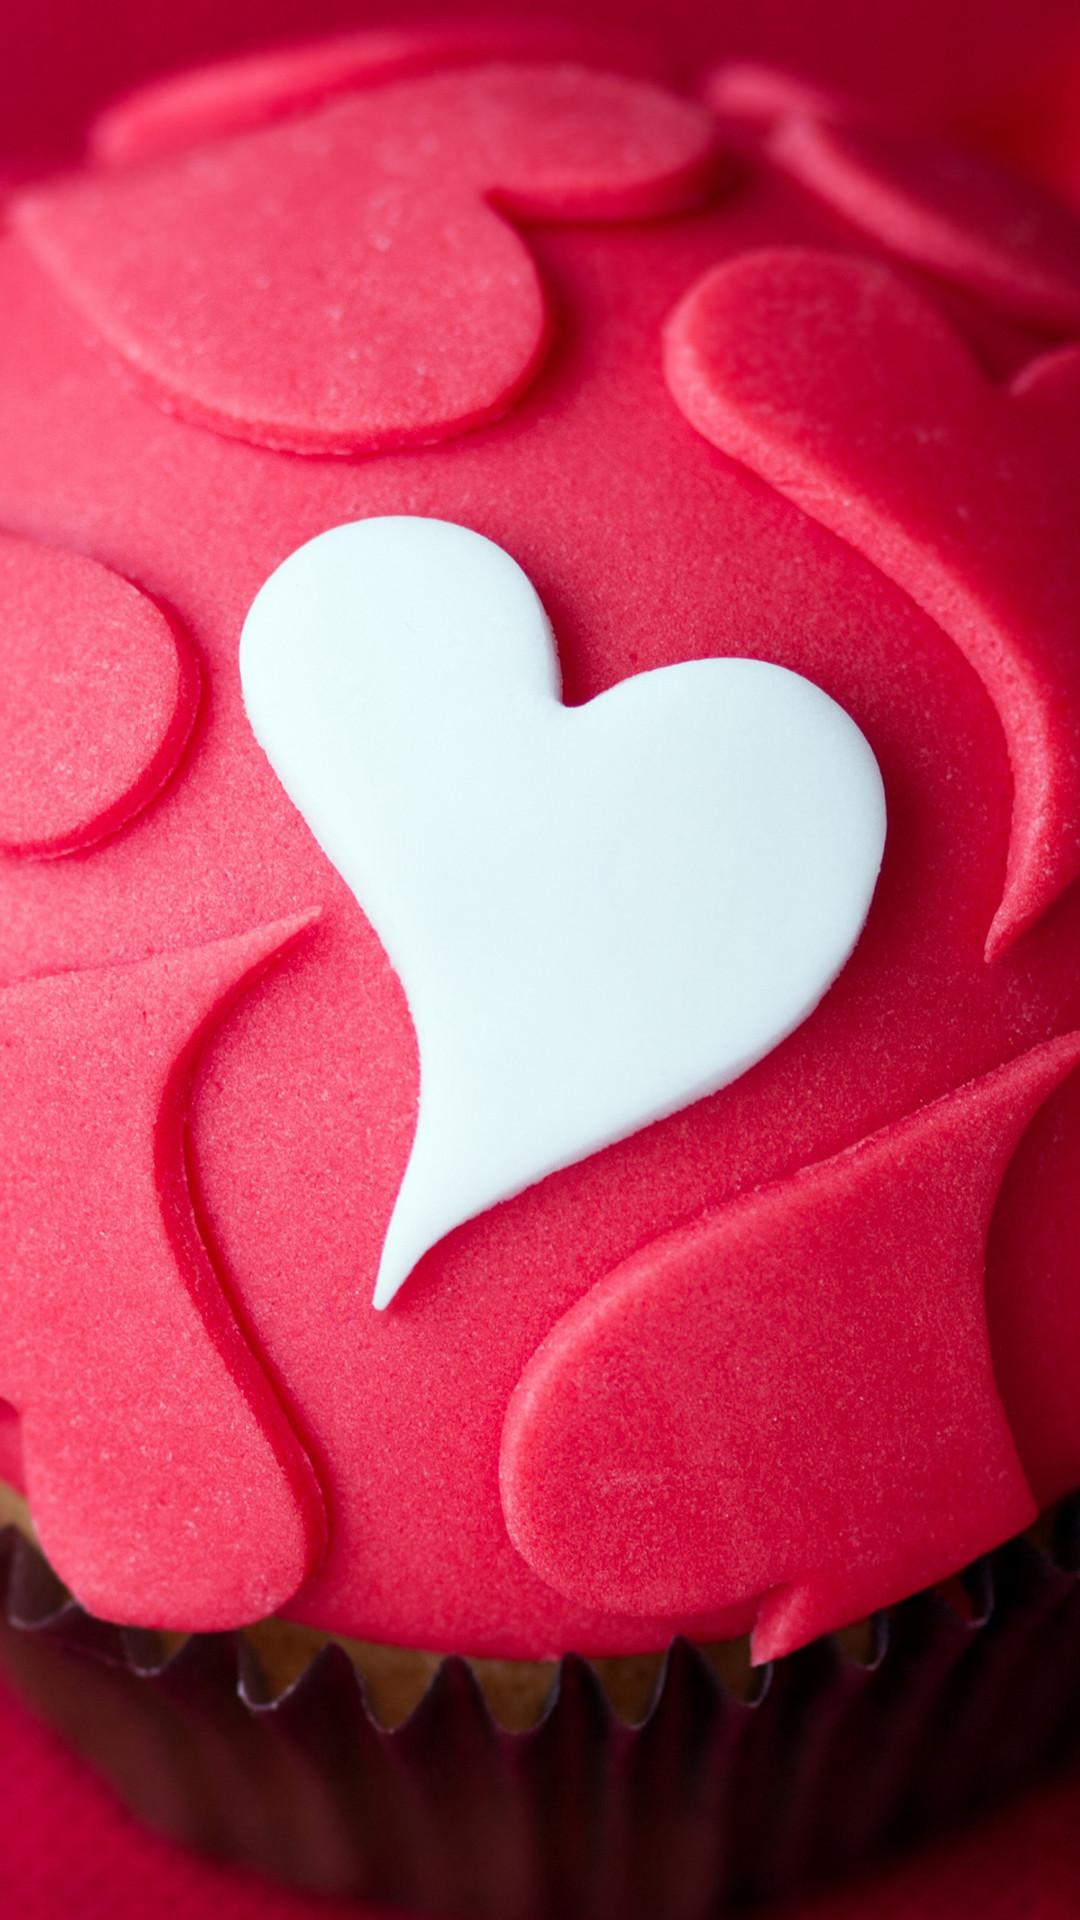 Heart Love Shaped Desert Cake #iPhone #6 #plus #wallpaper